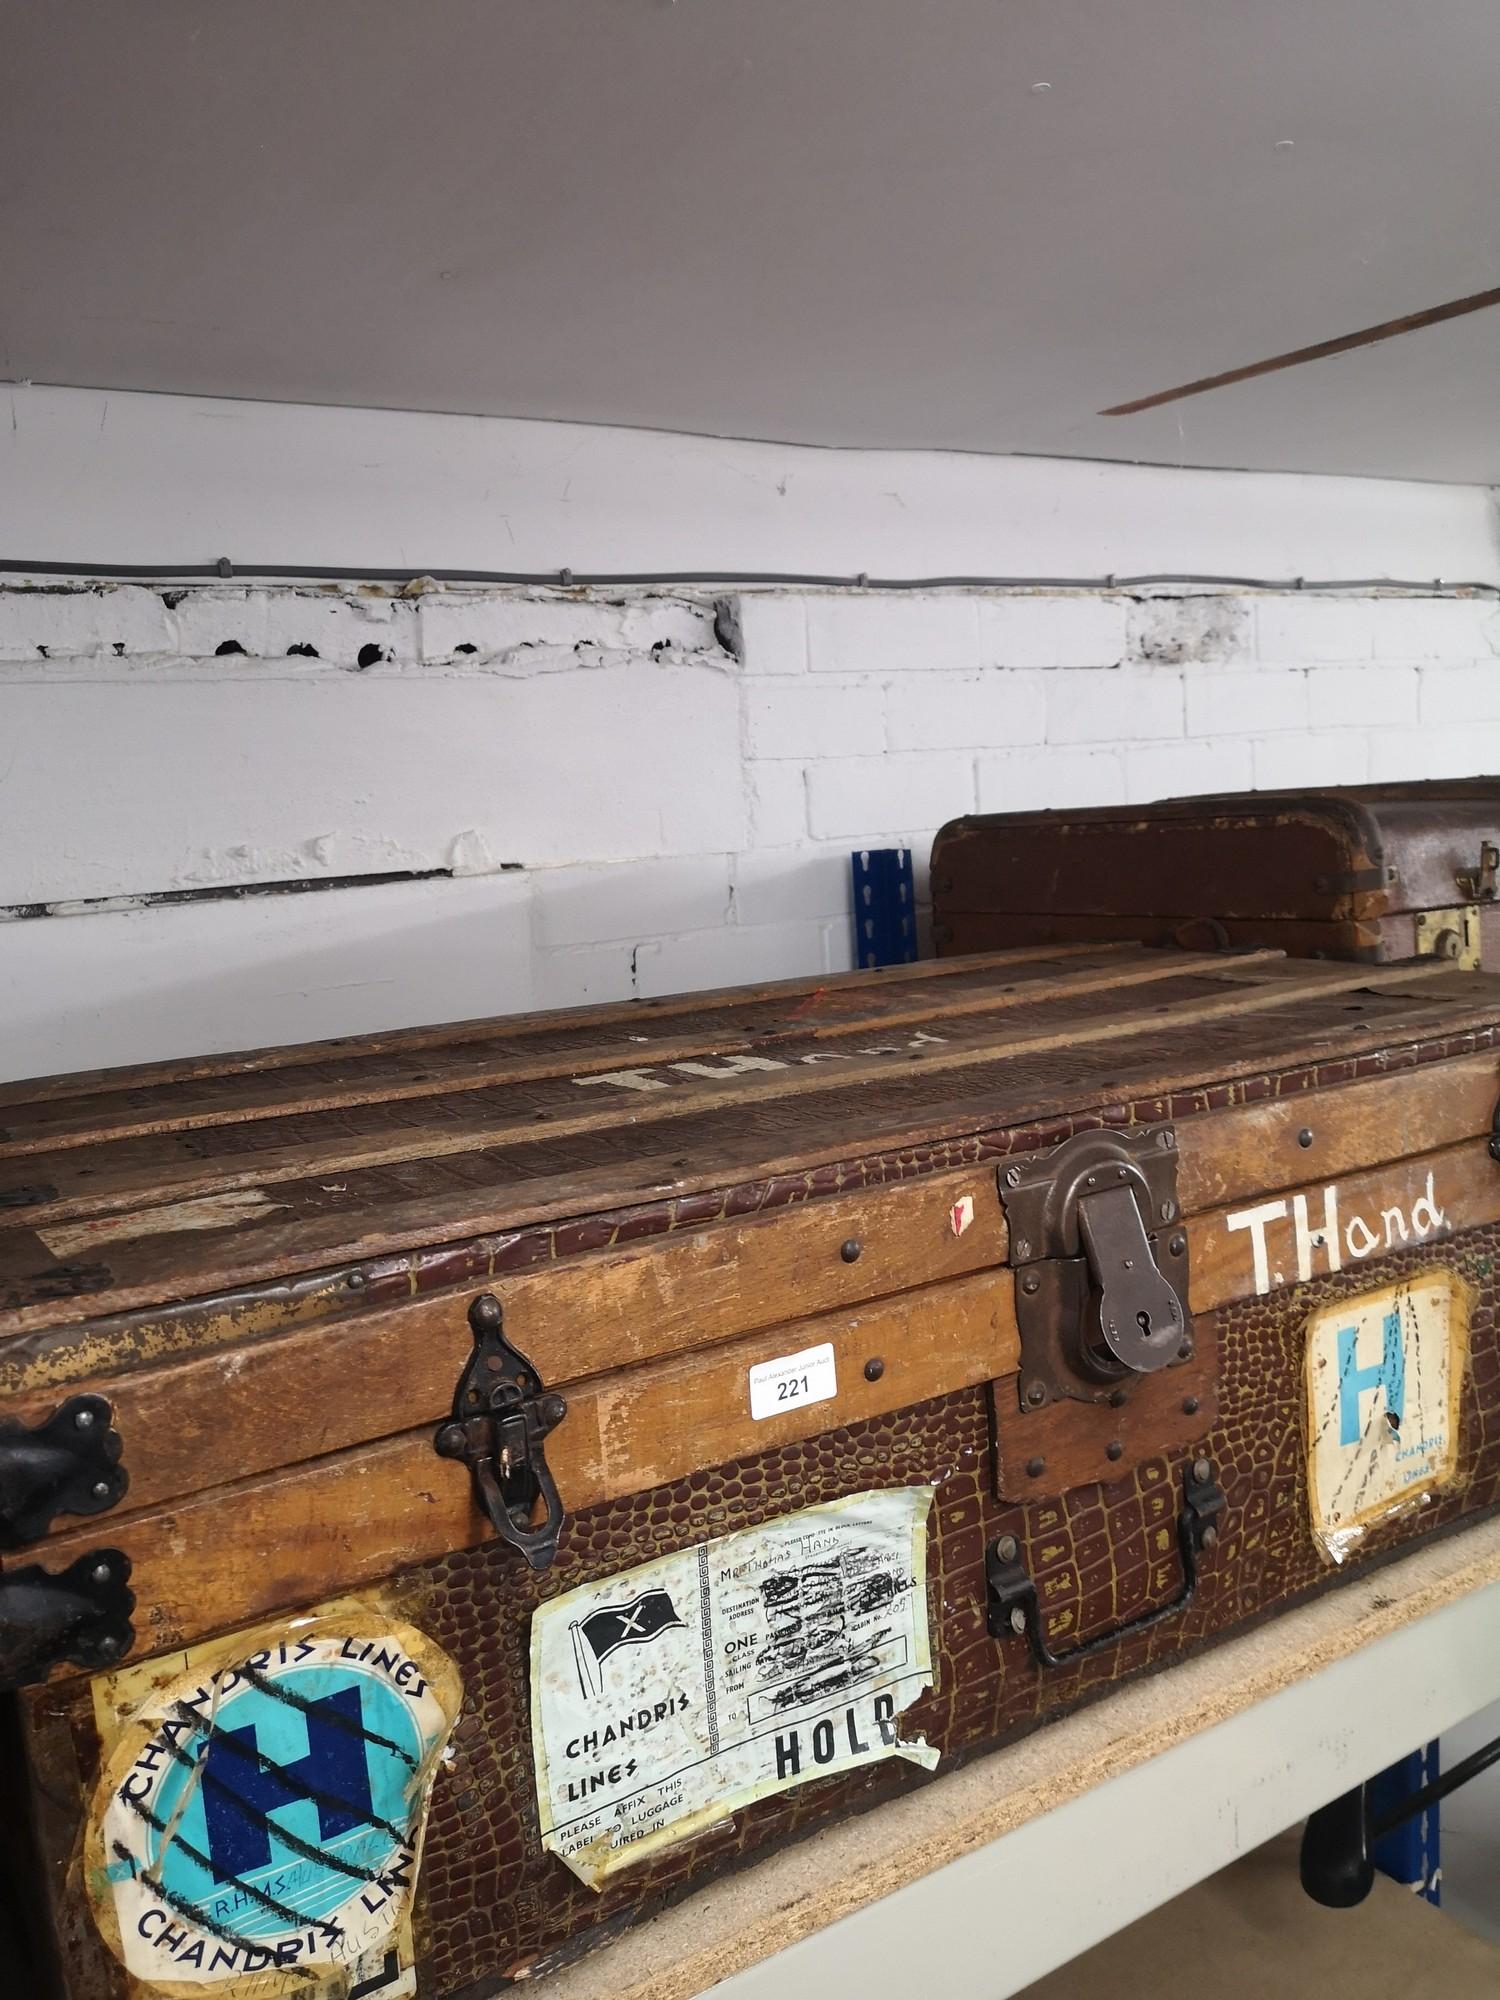 1900s wooden bound trunk with interior design